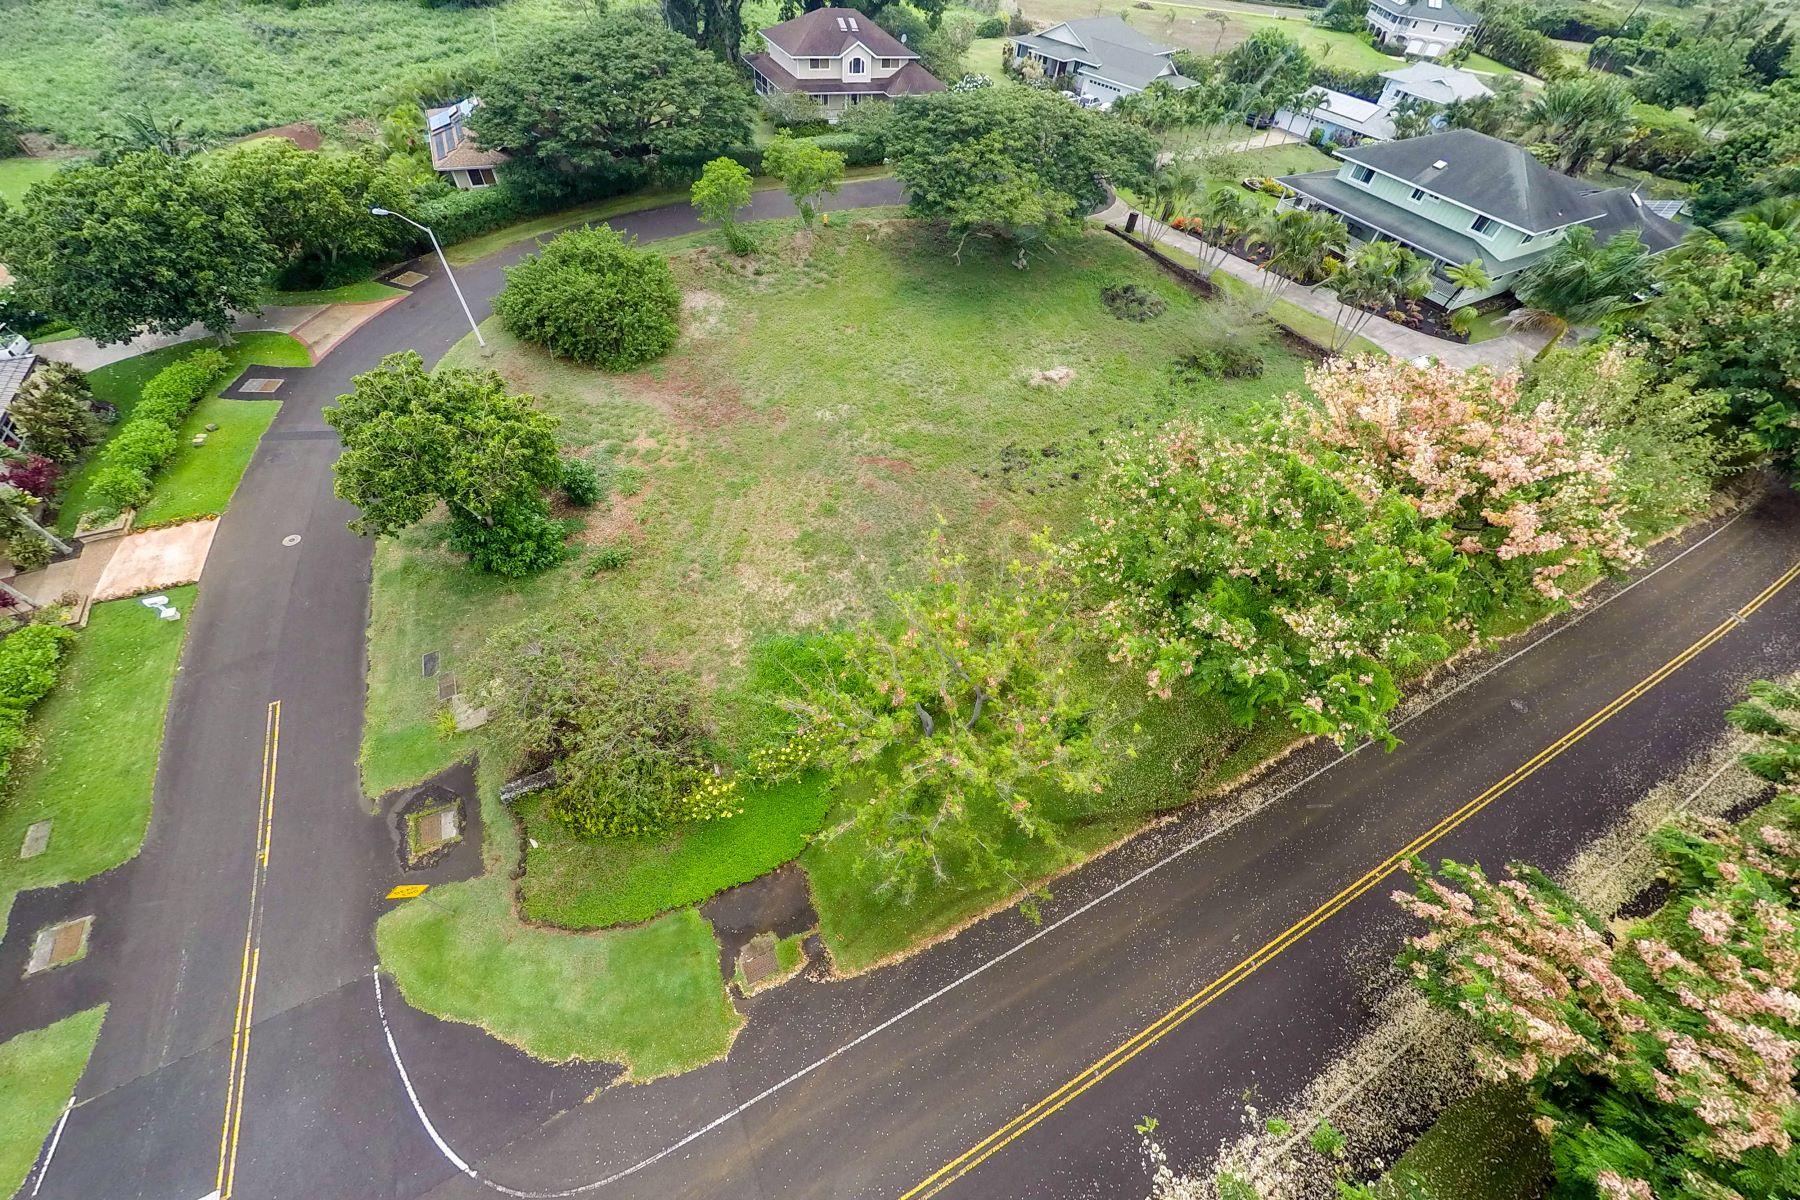 Land for Sale at 2979 PUA ALANI PL KOLOA, HI 96756 2979 PUA ALANI PL Koloa, Hawaii 96756 United States